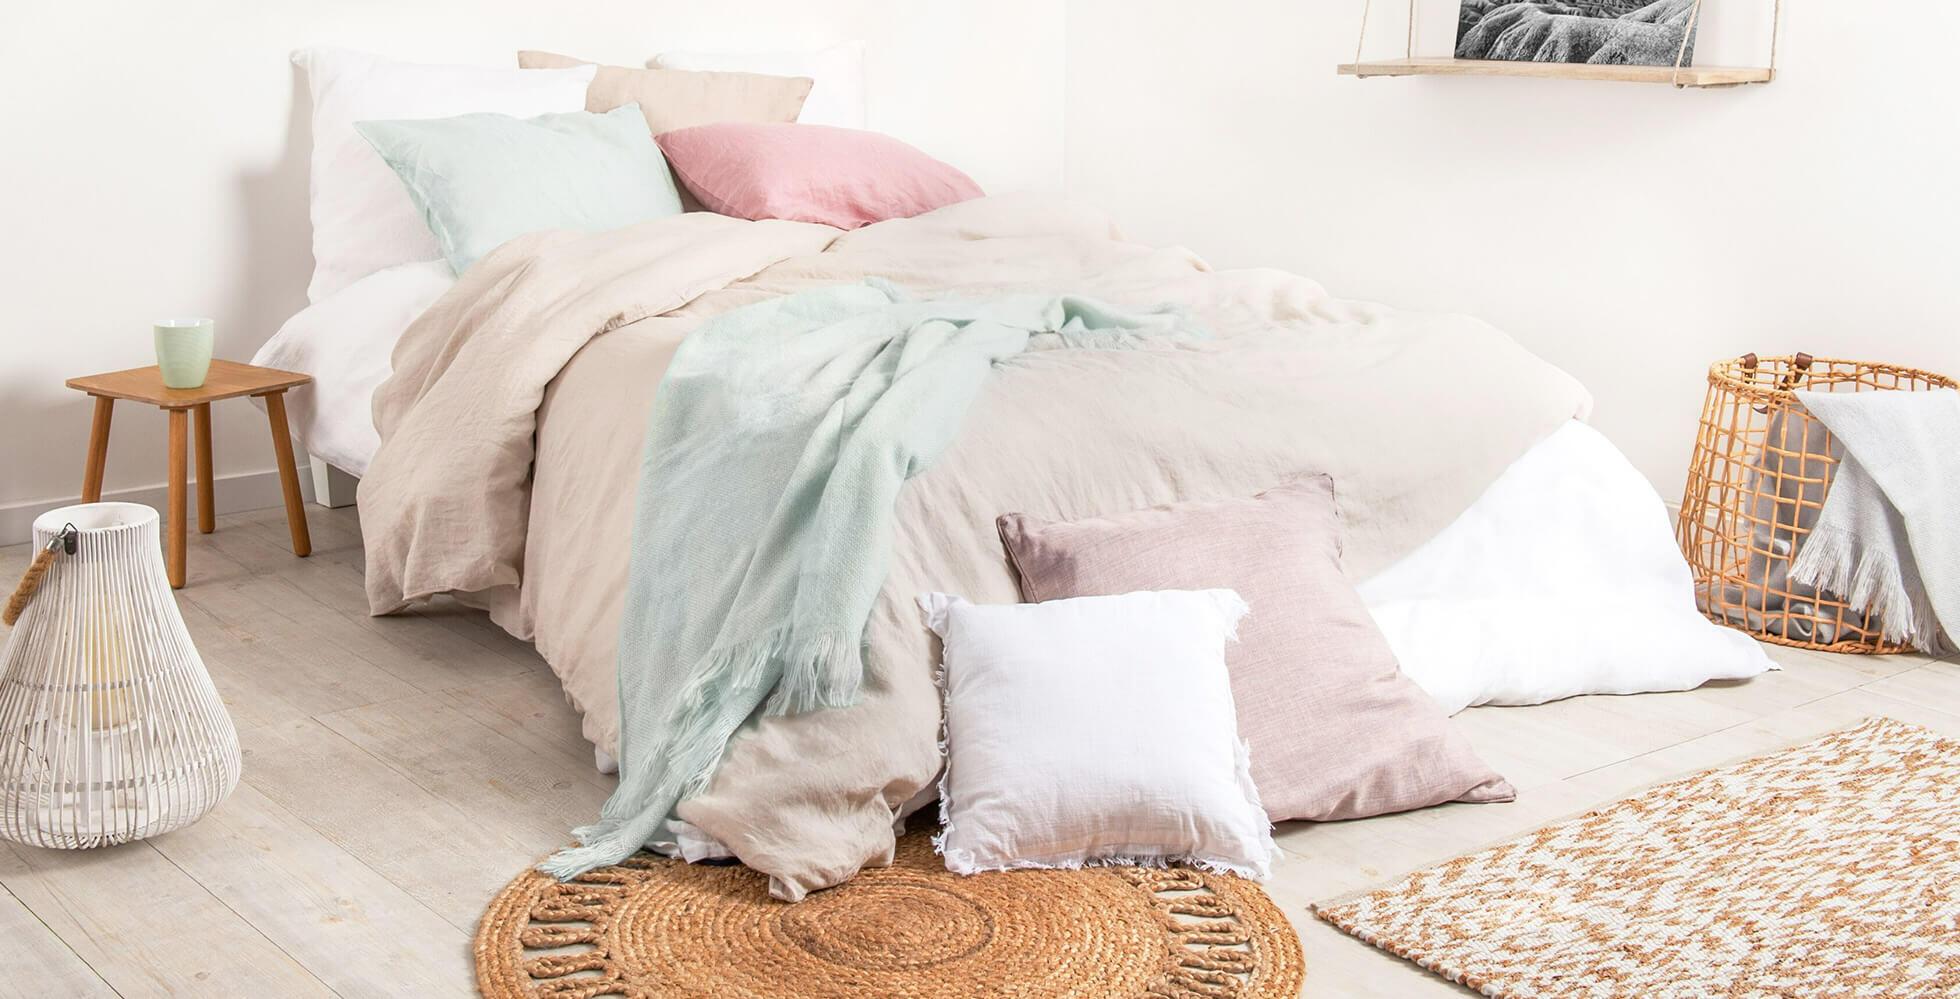 decorazione della camera con biancheria da letto di lino